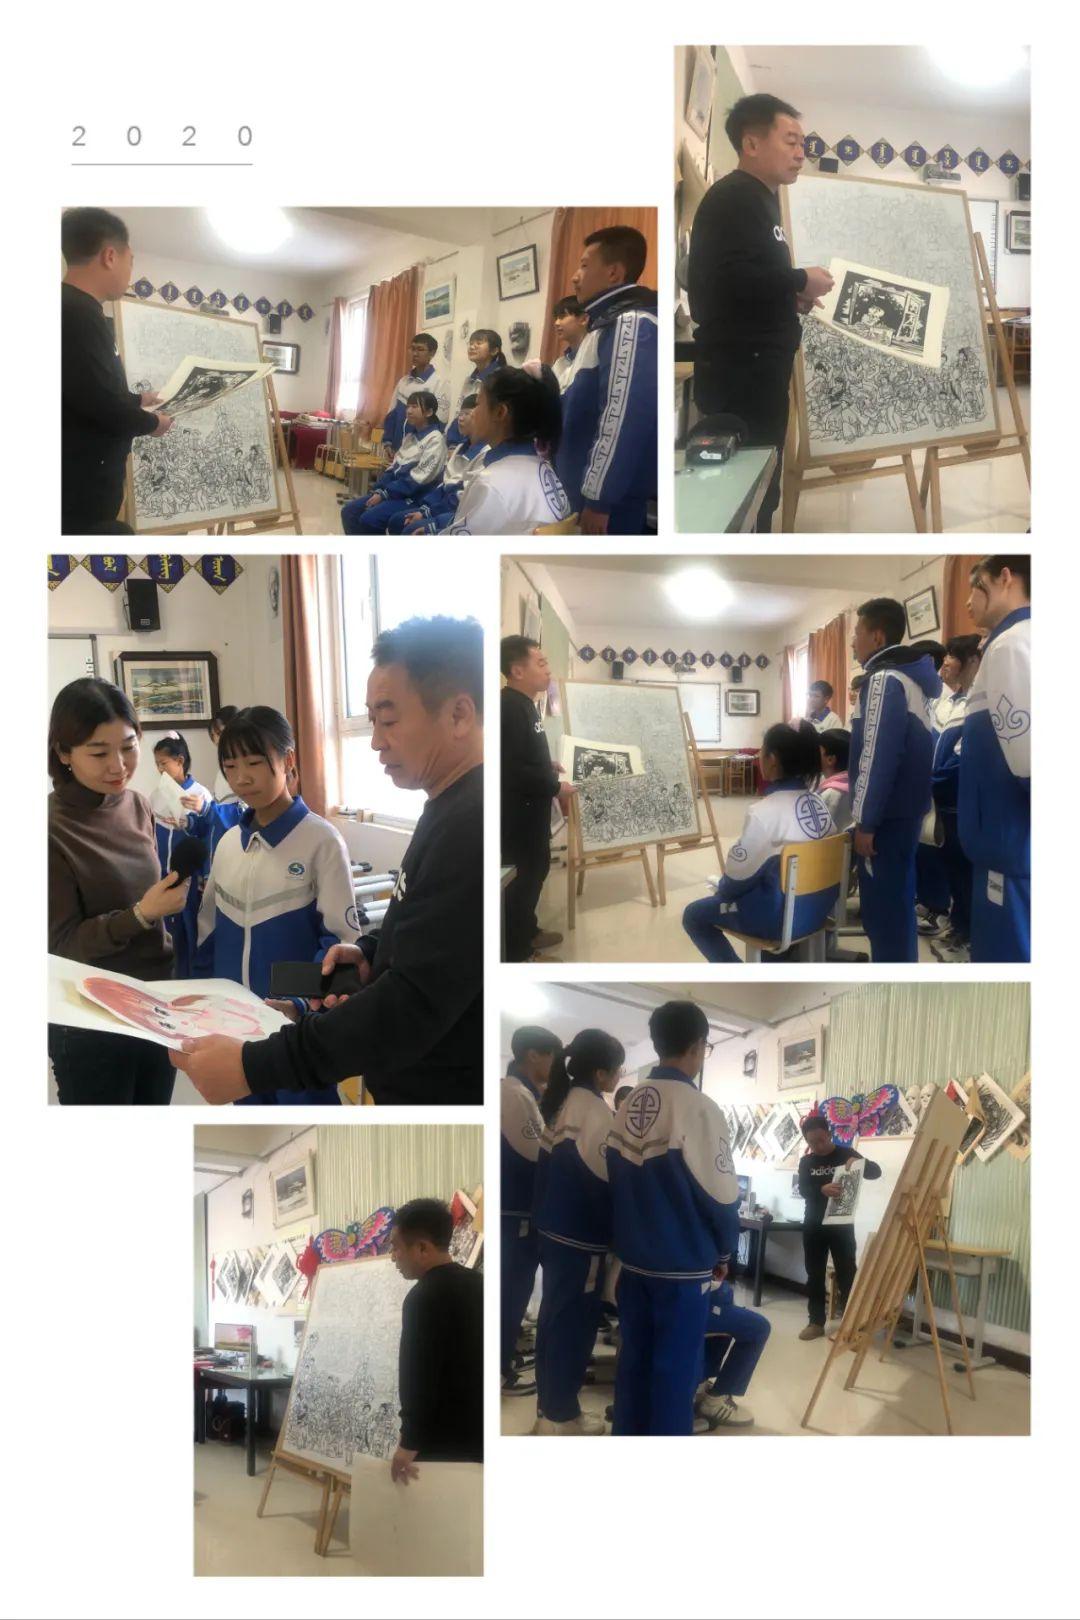 齐达拉图与版画 第5张 齐达拉图与版画 蒙古画廊